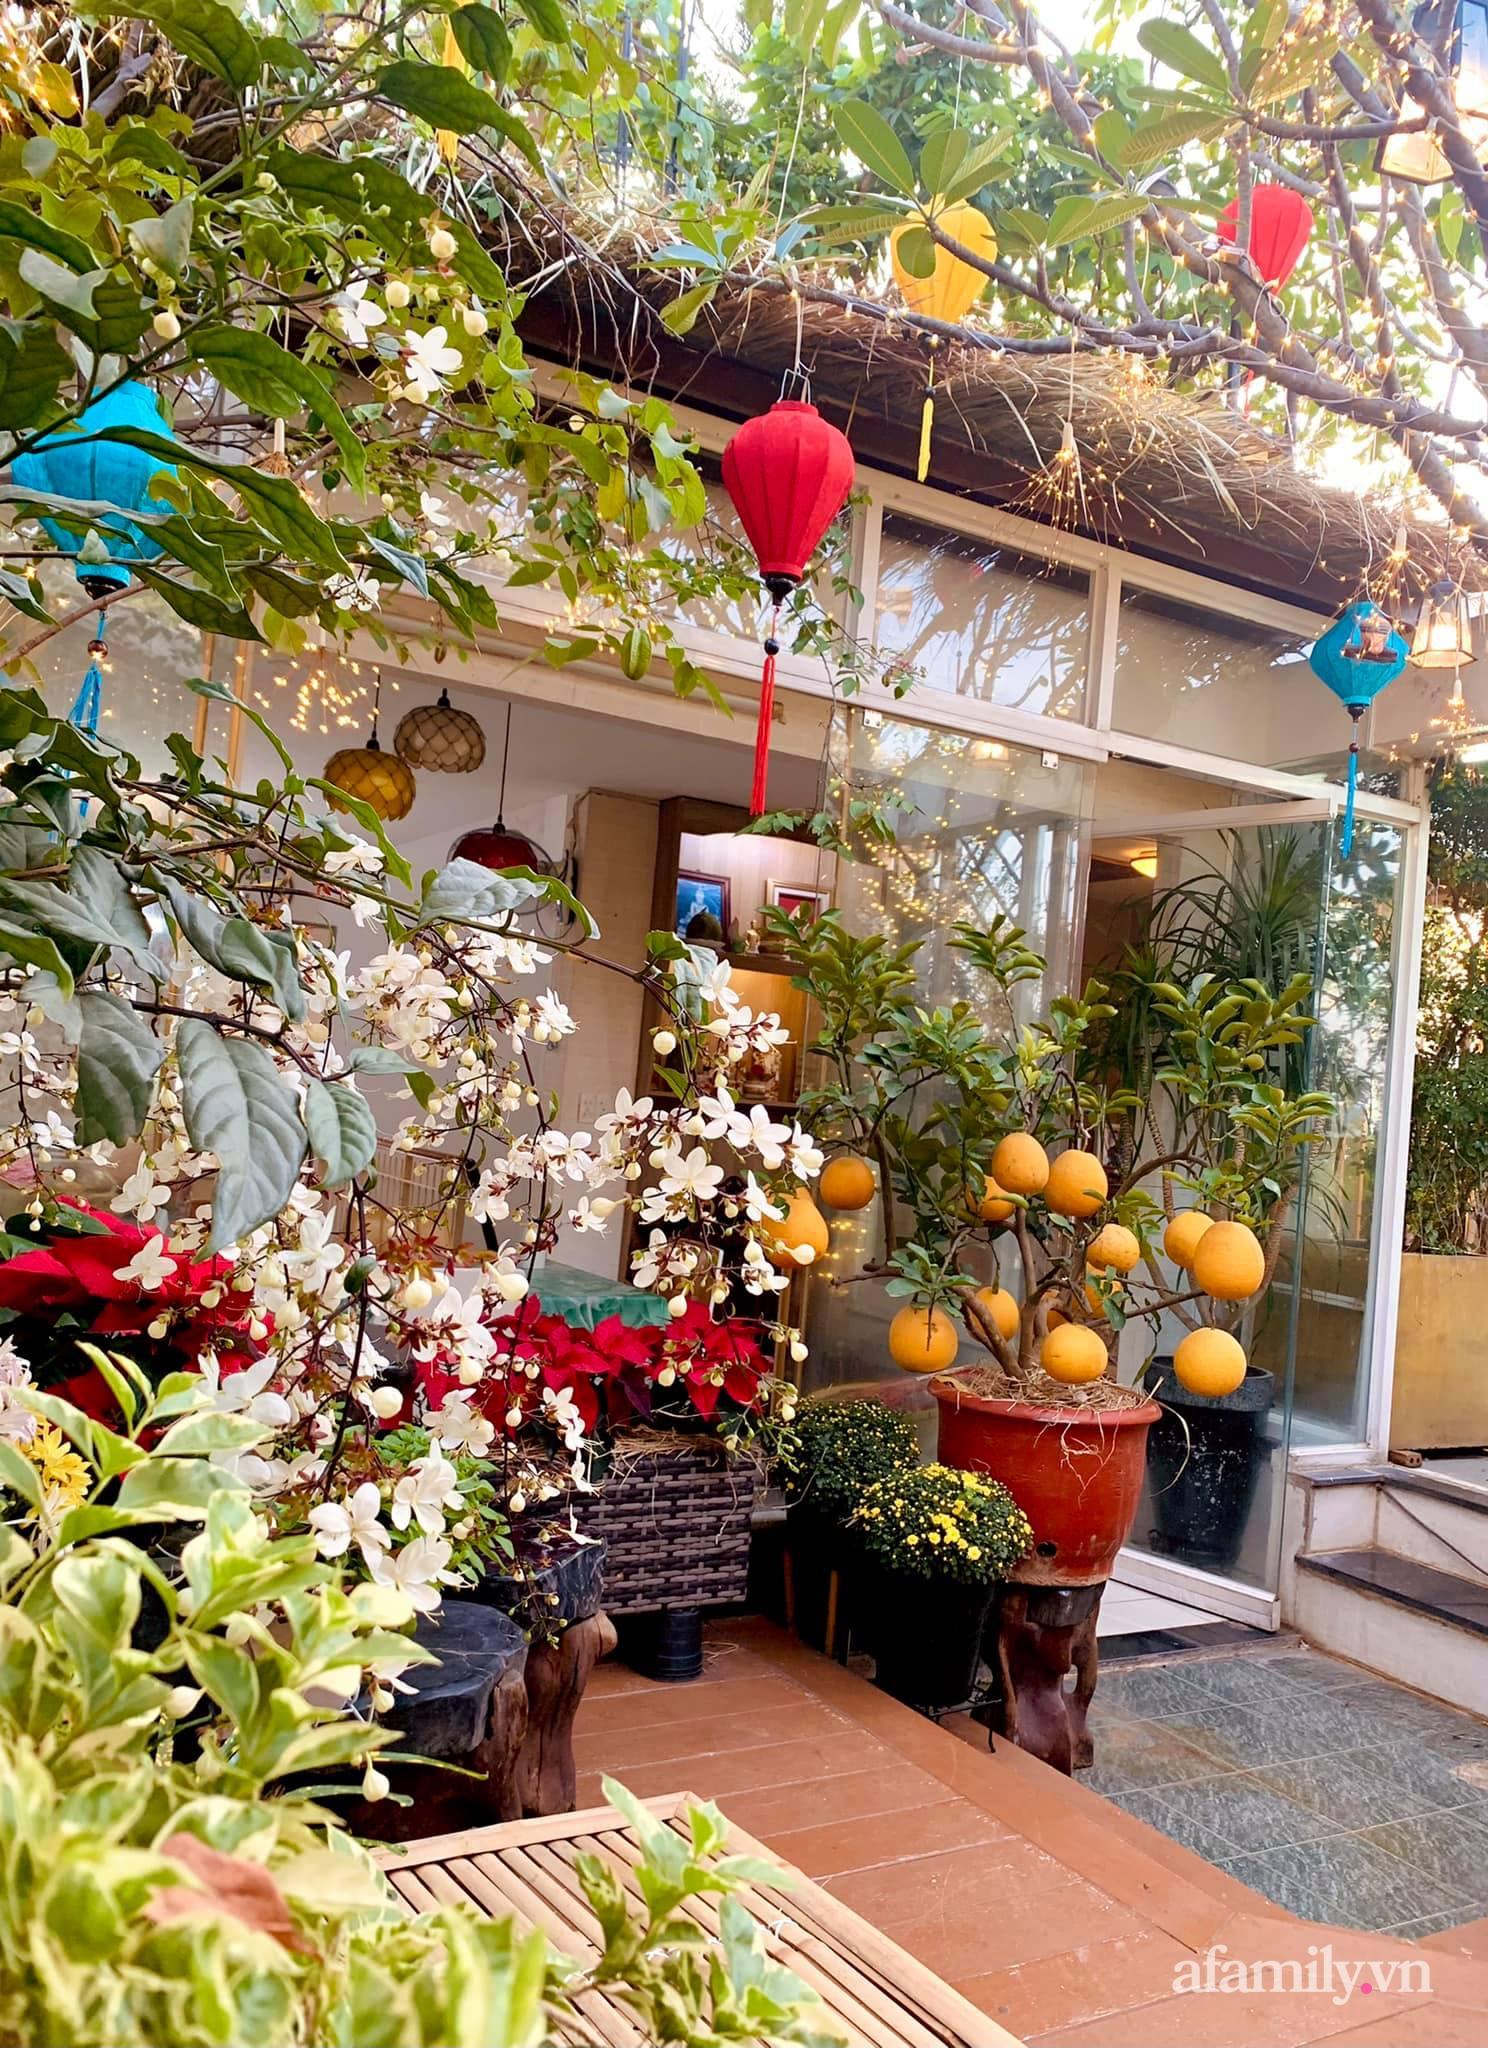 Mùng 1 đầu năm cùng ghé thăm sân thượng mang sắc màu Tết truyền thống của mẹ đảm ở Sài Gòn-6